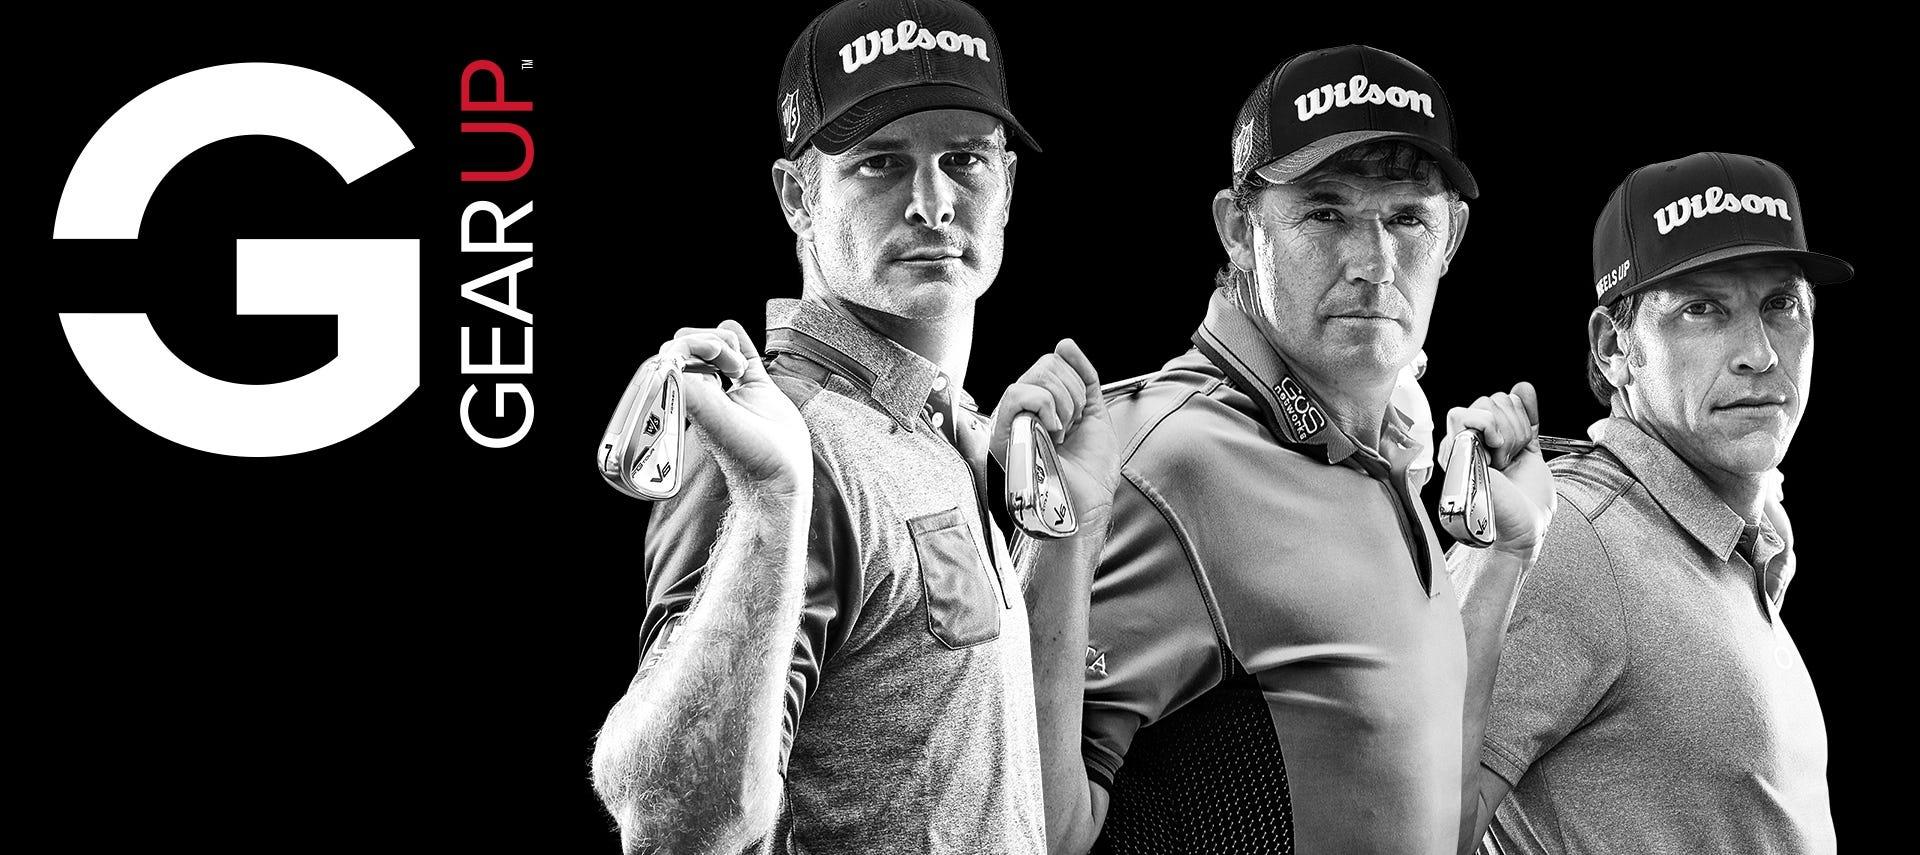 Wilson Golf GearUp